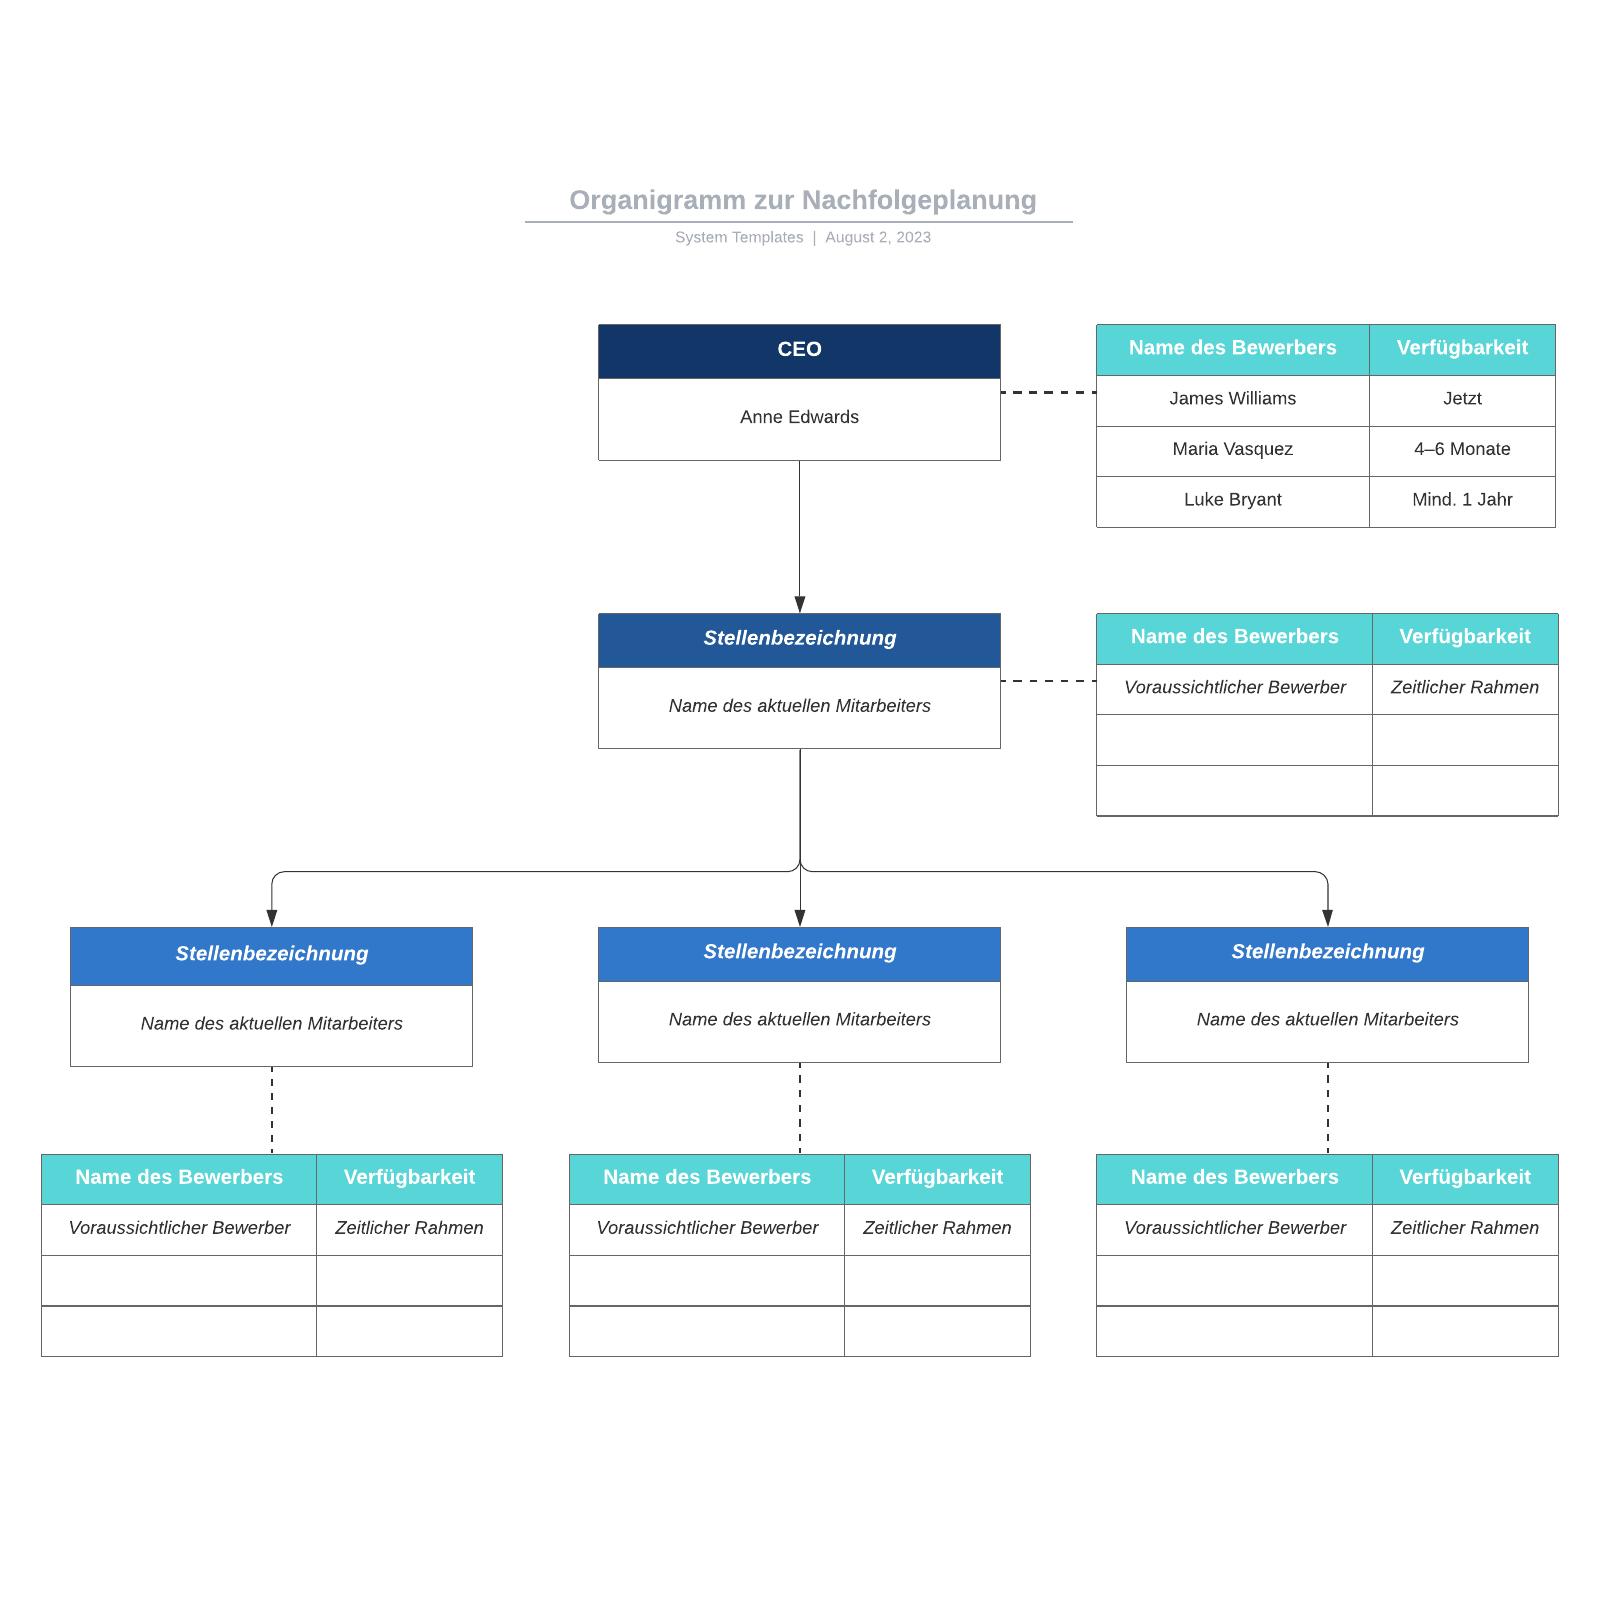 Organigramm zur Nachfolgeplanung - Beispiel